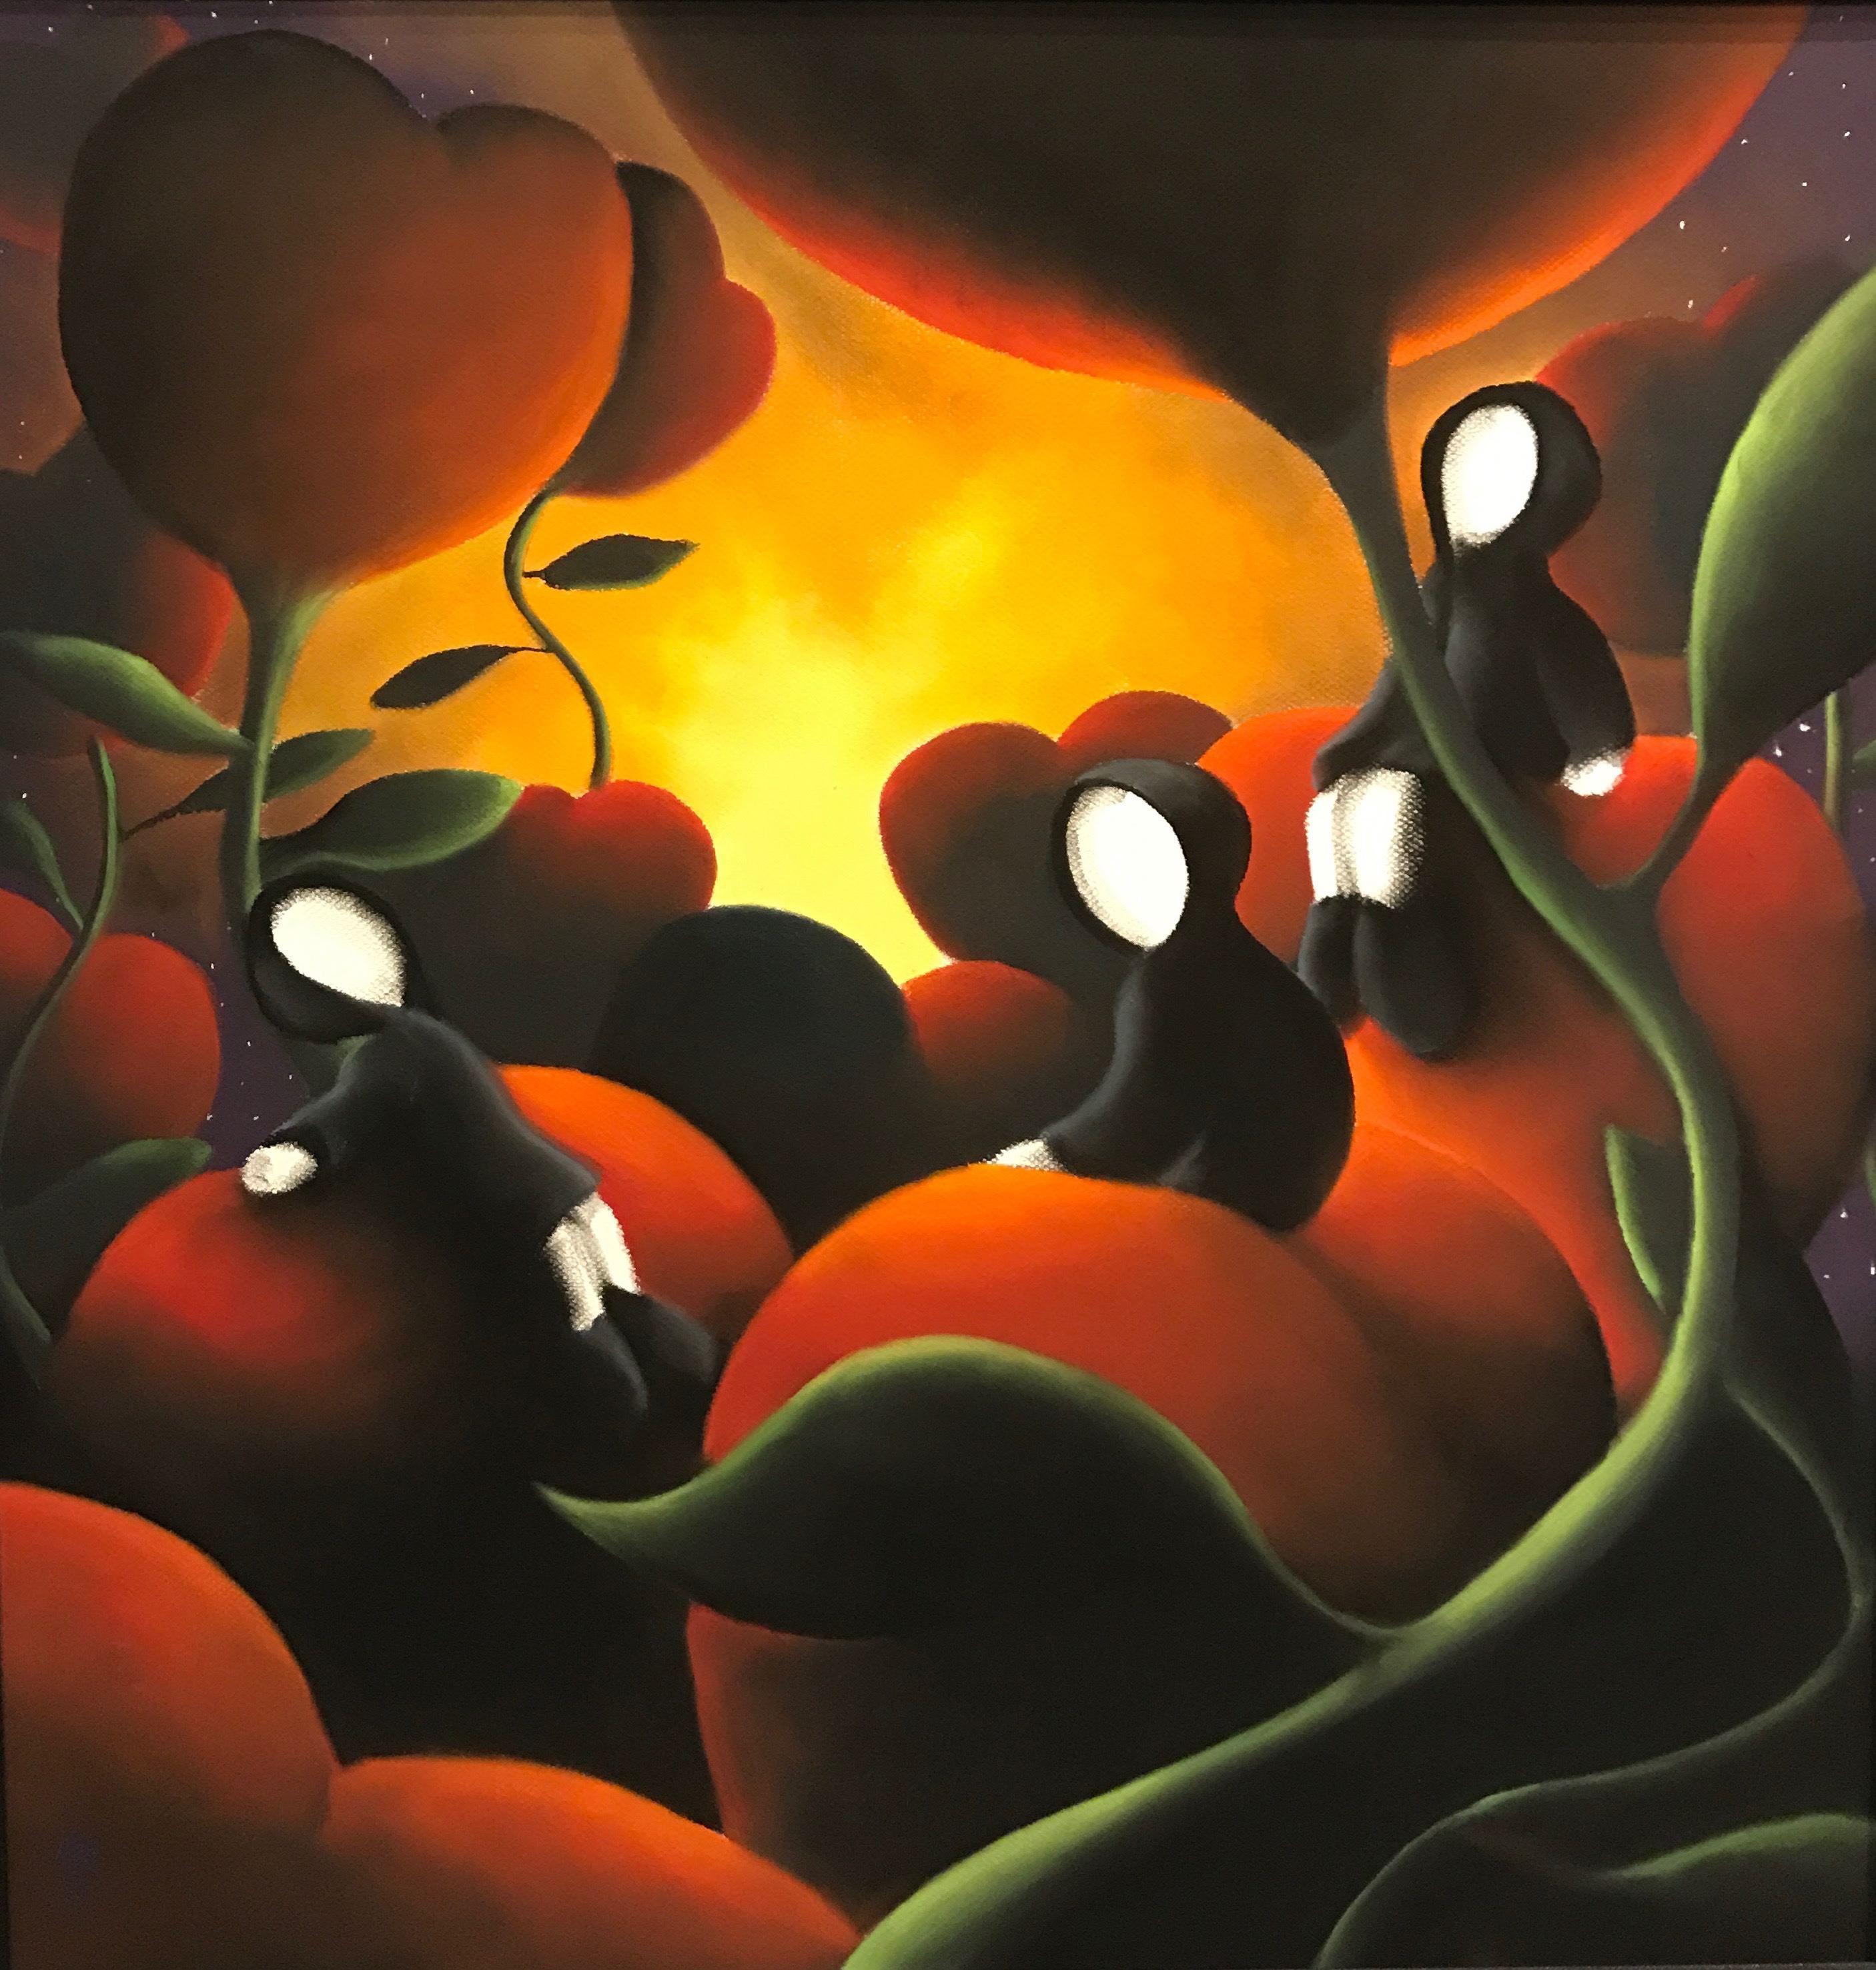 Mackenzie Thorpe / The Break of Dawn - Off The Wall Gallery